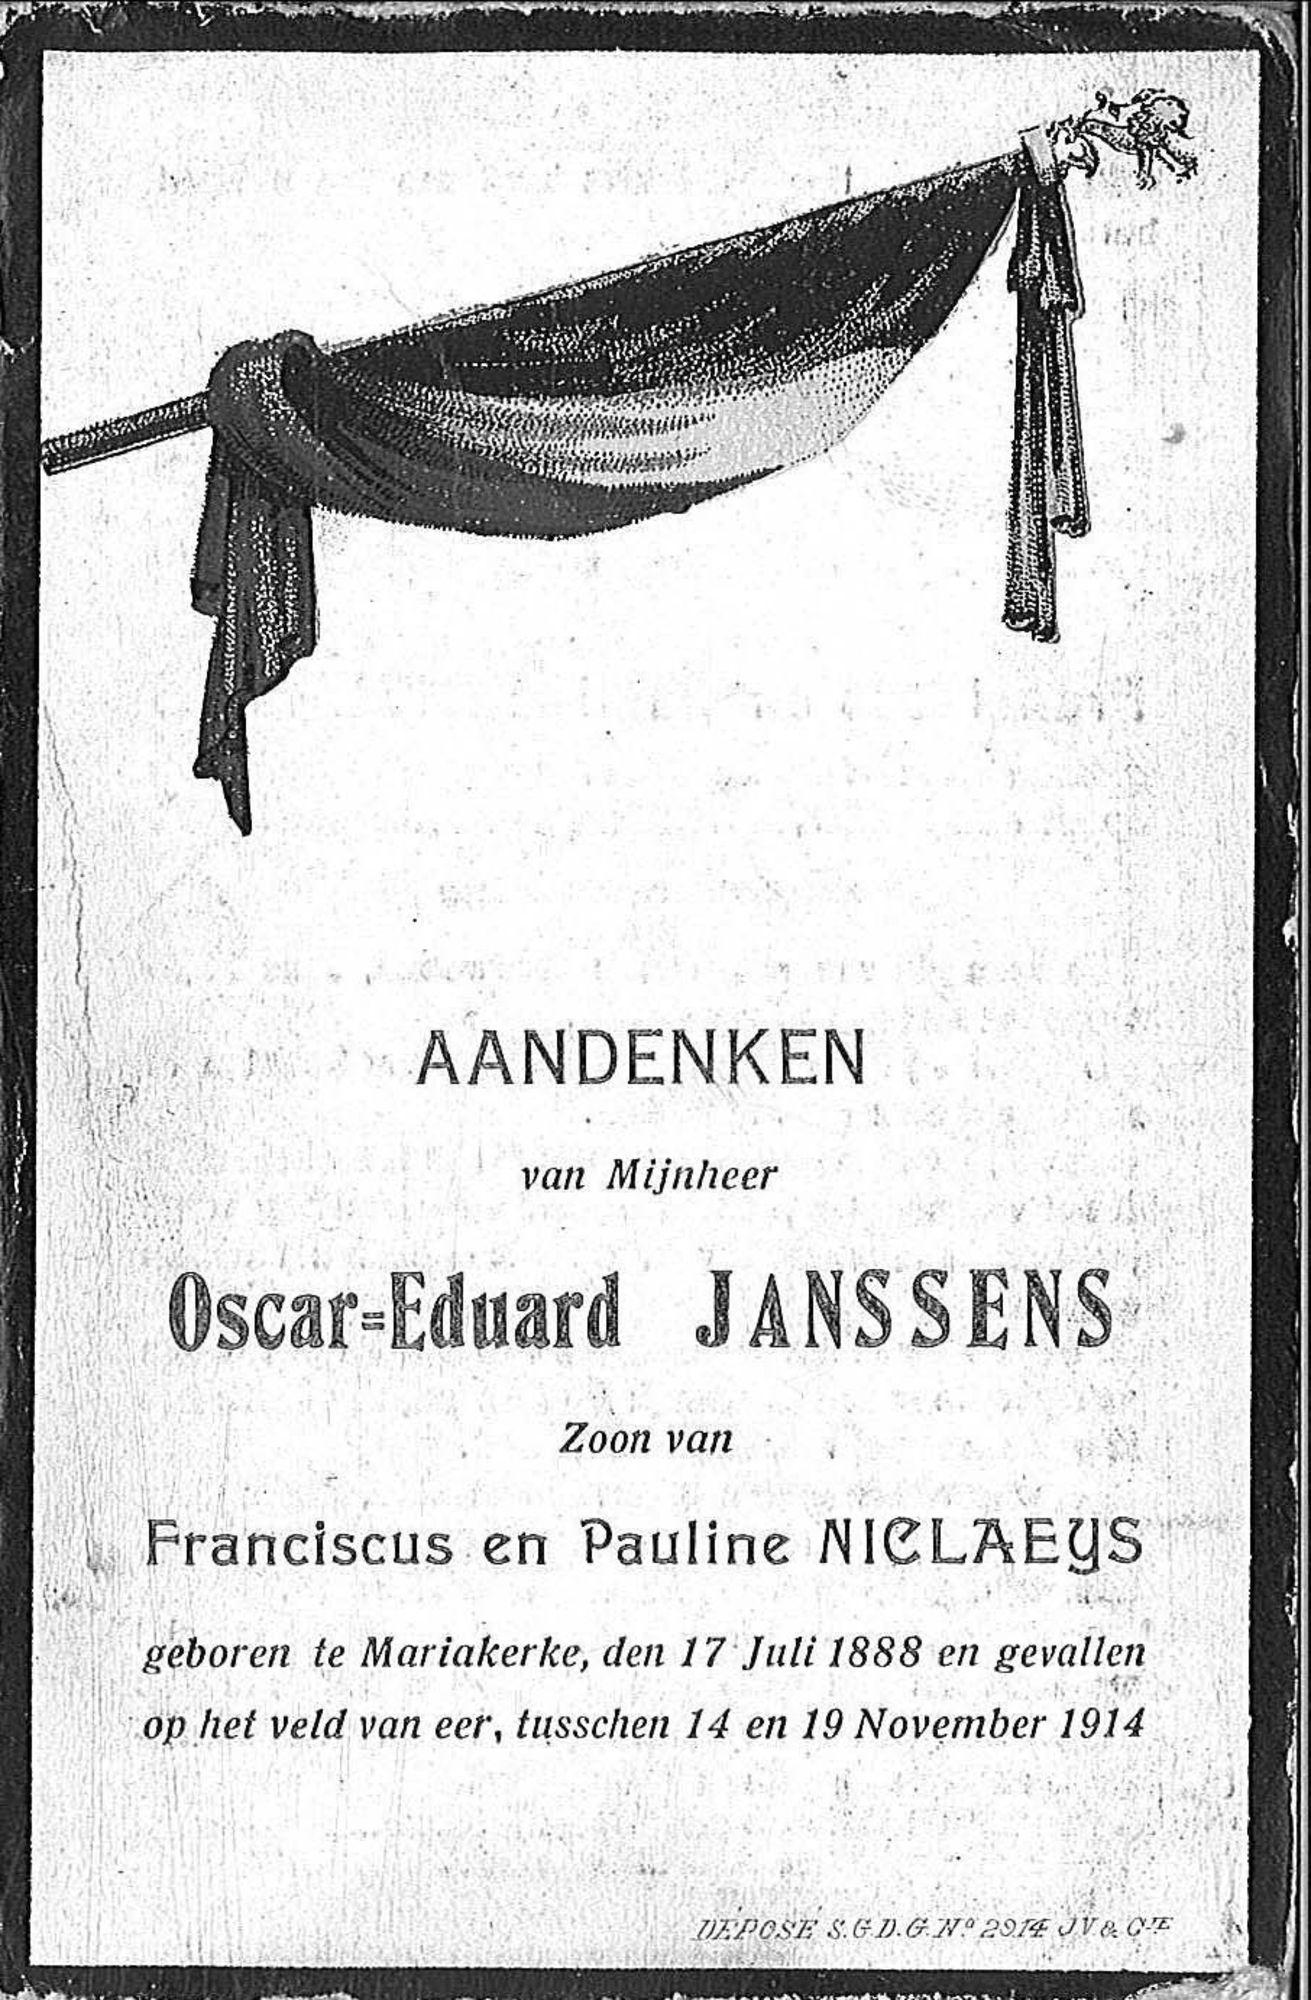 Oscar-Eduard Janssens